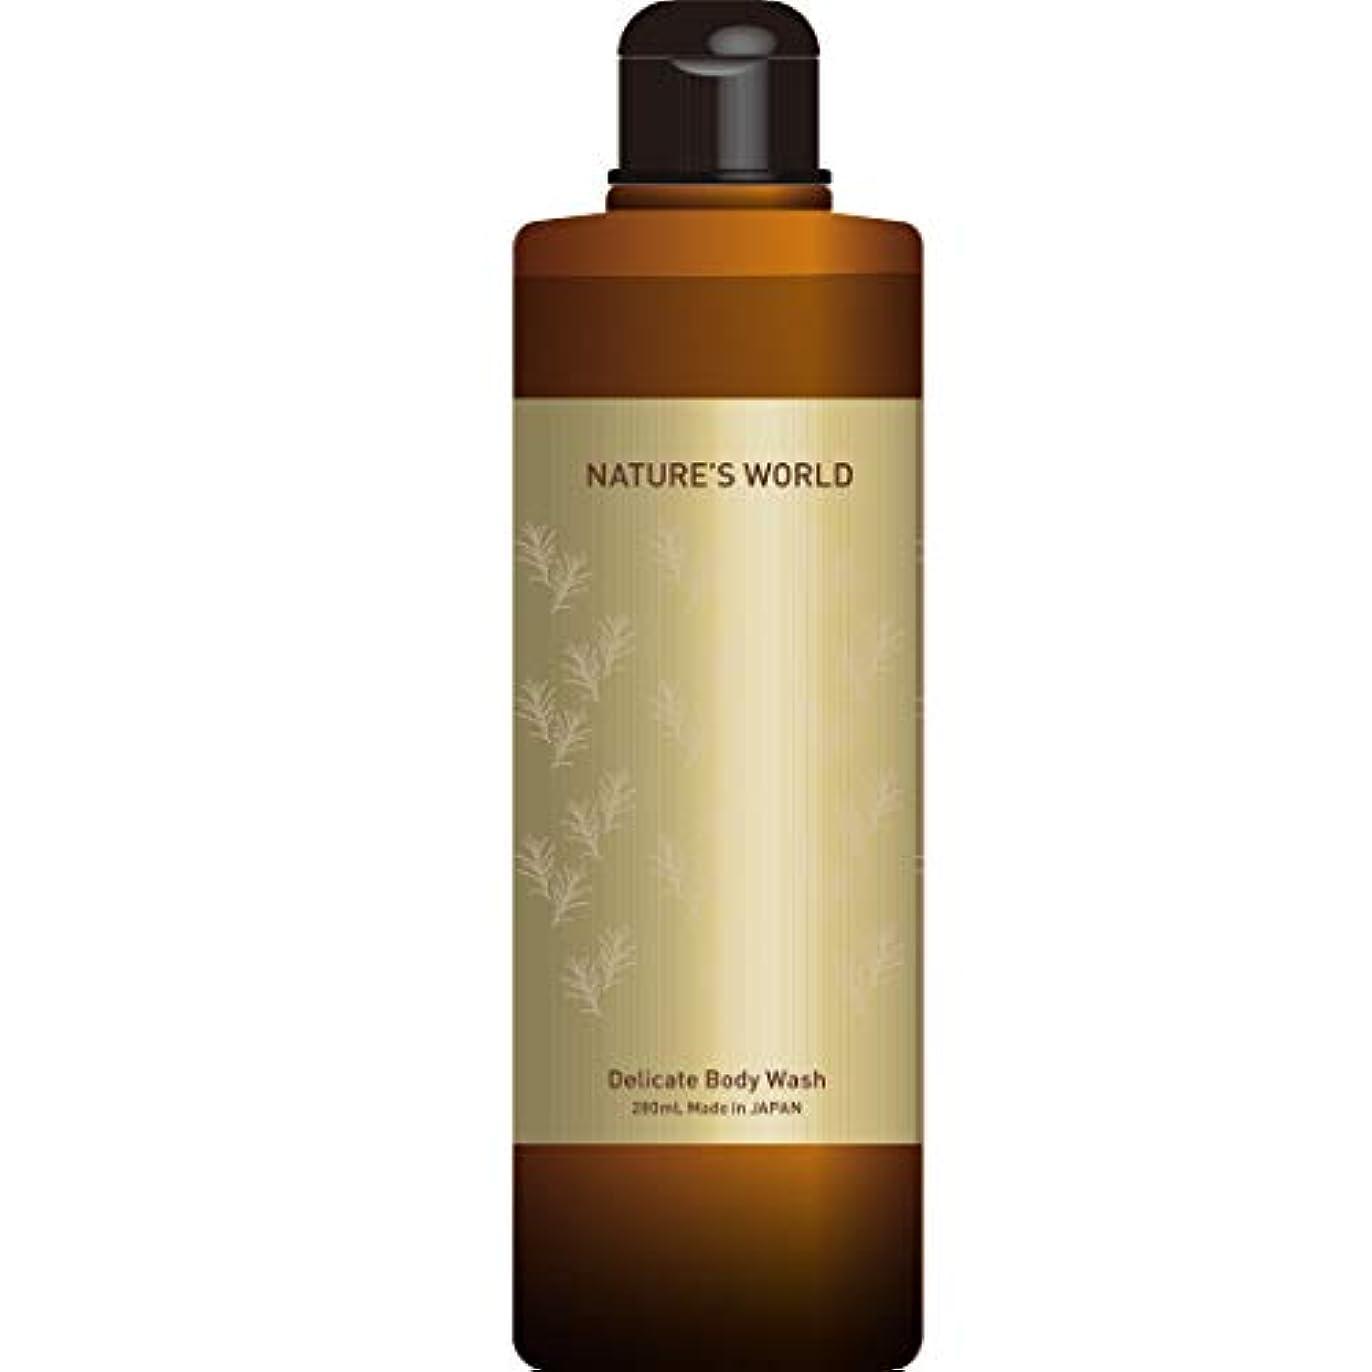 日曜日なめらか孤独なNATURE'S WORLD(ネイチャーズワールド) Nature's World デリケートボディソープ シトラスフローラルの香り 280ml